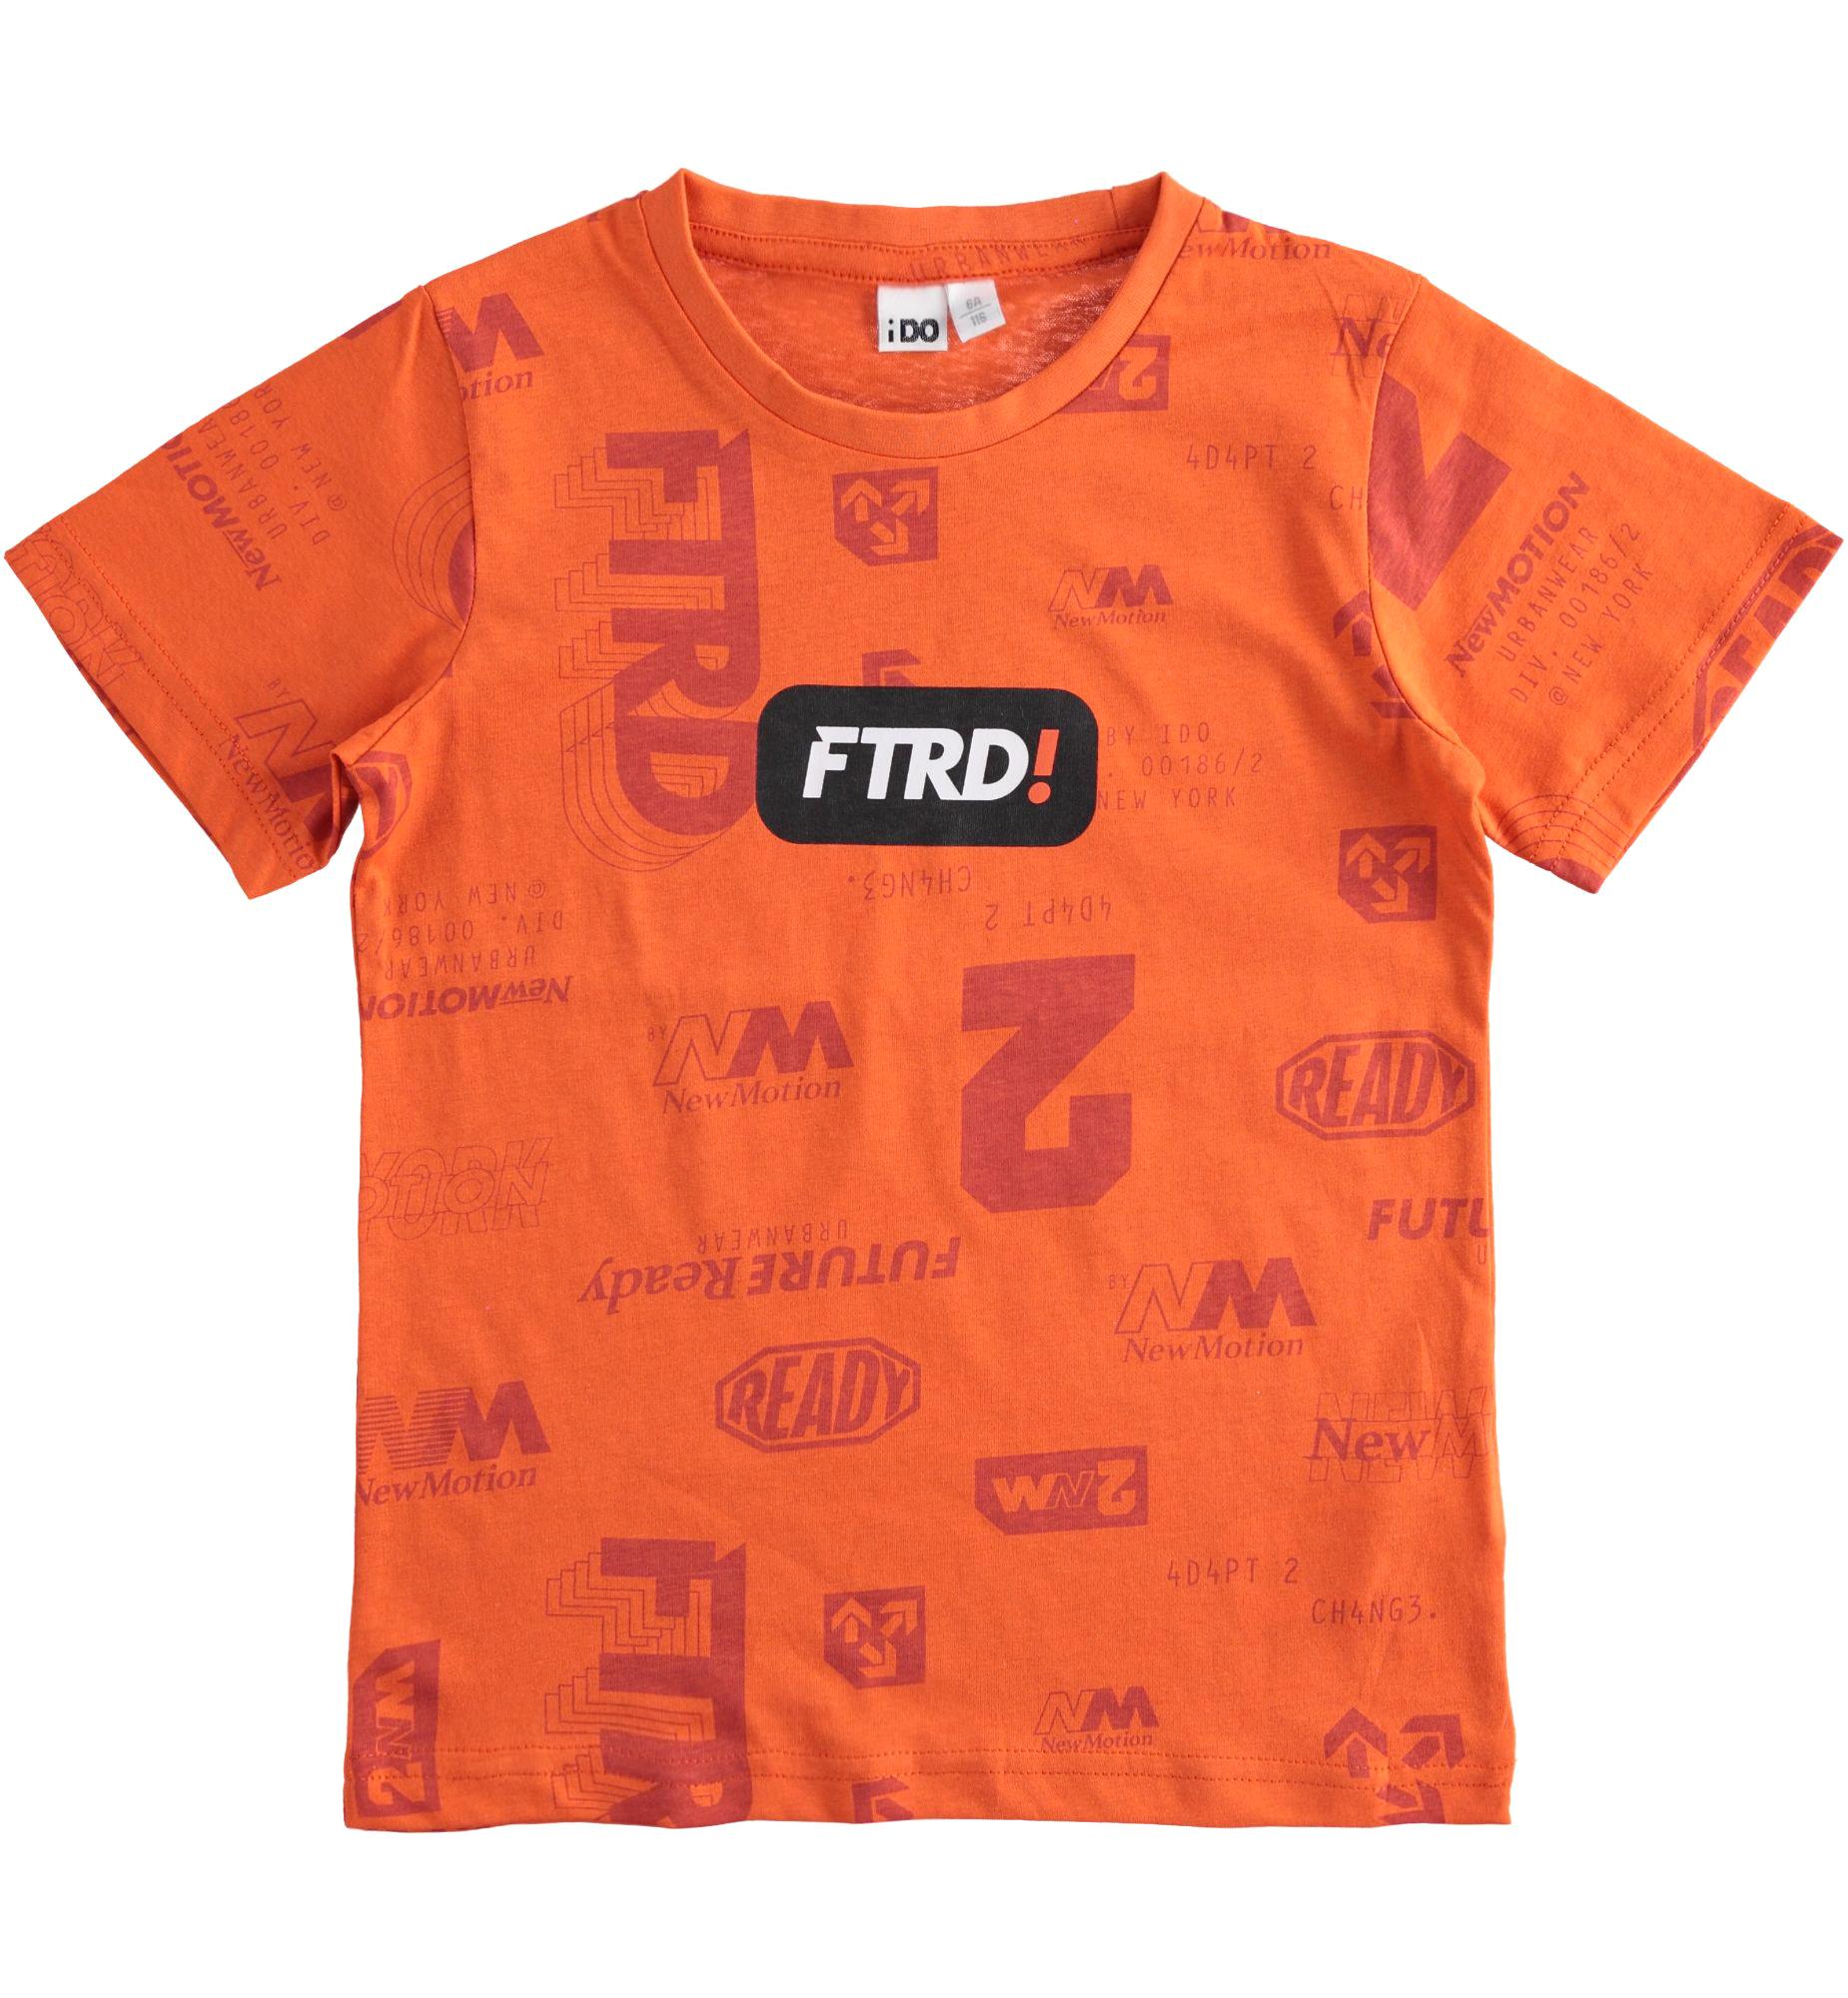 43707 00 6rl1_Front_e commerce